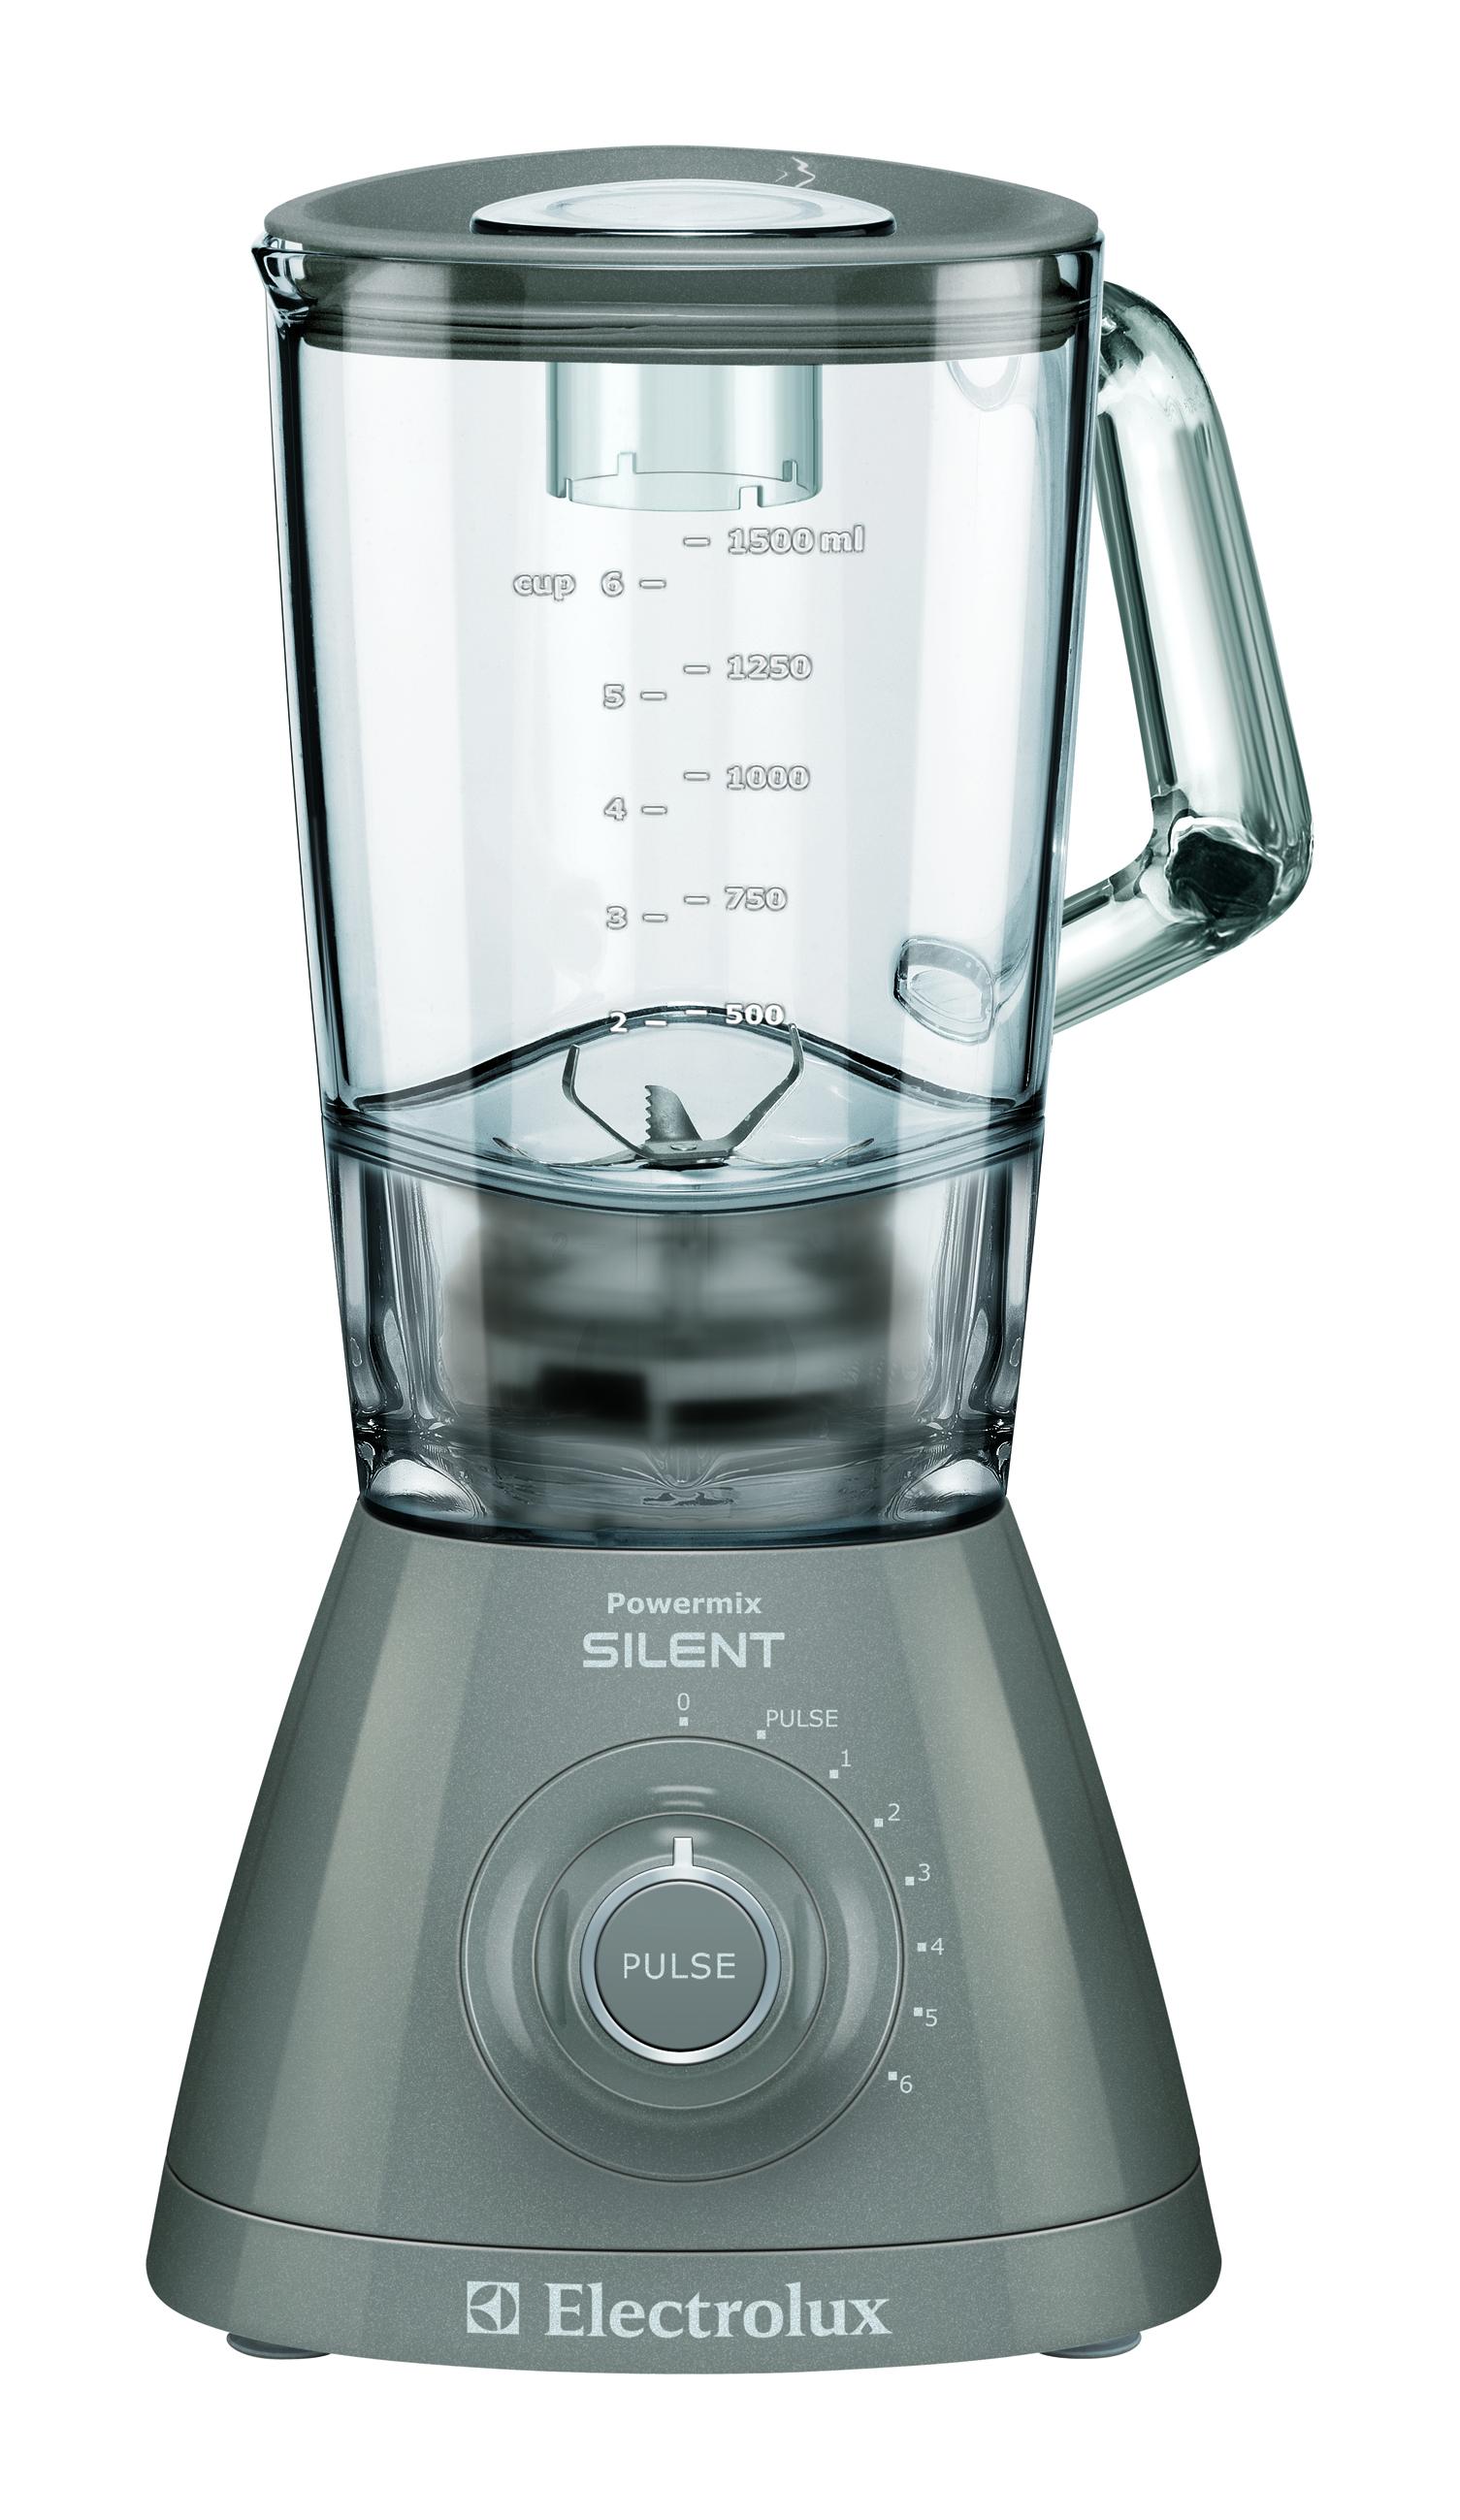 Electrolux Powermix Silent Blender EBR5050